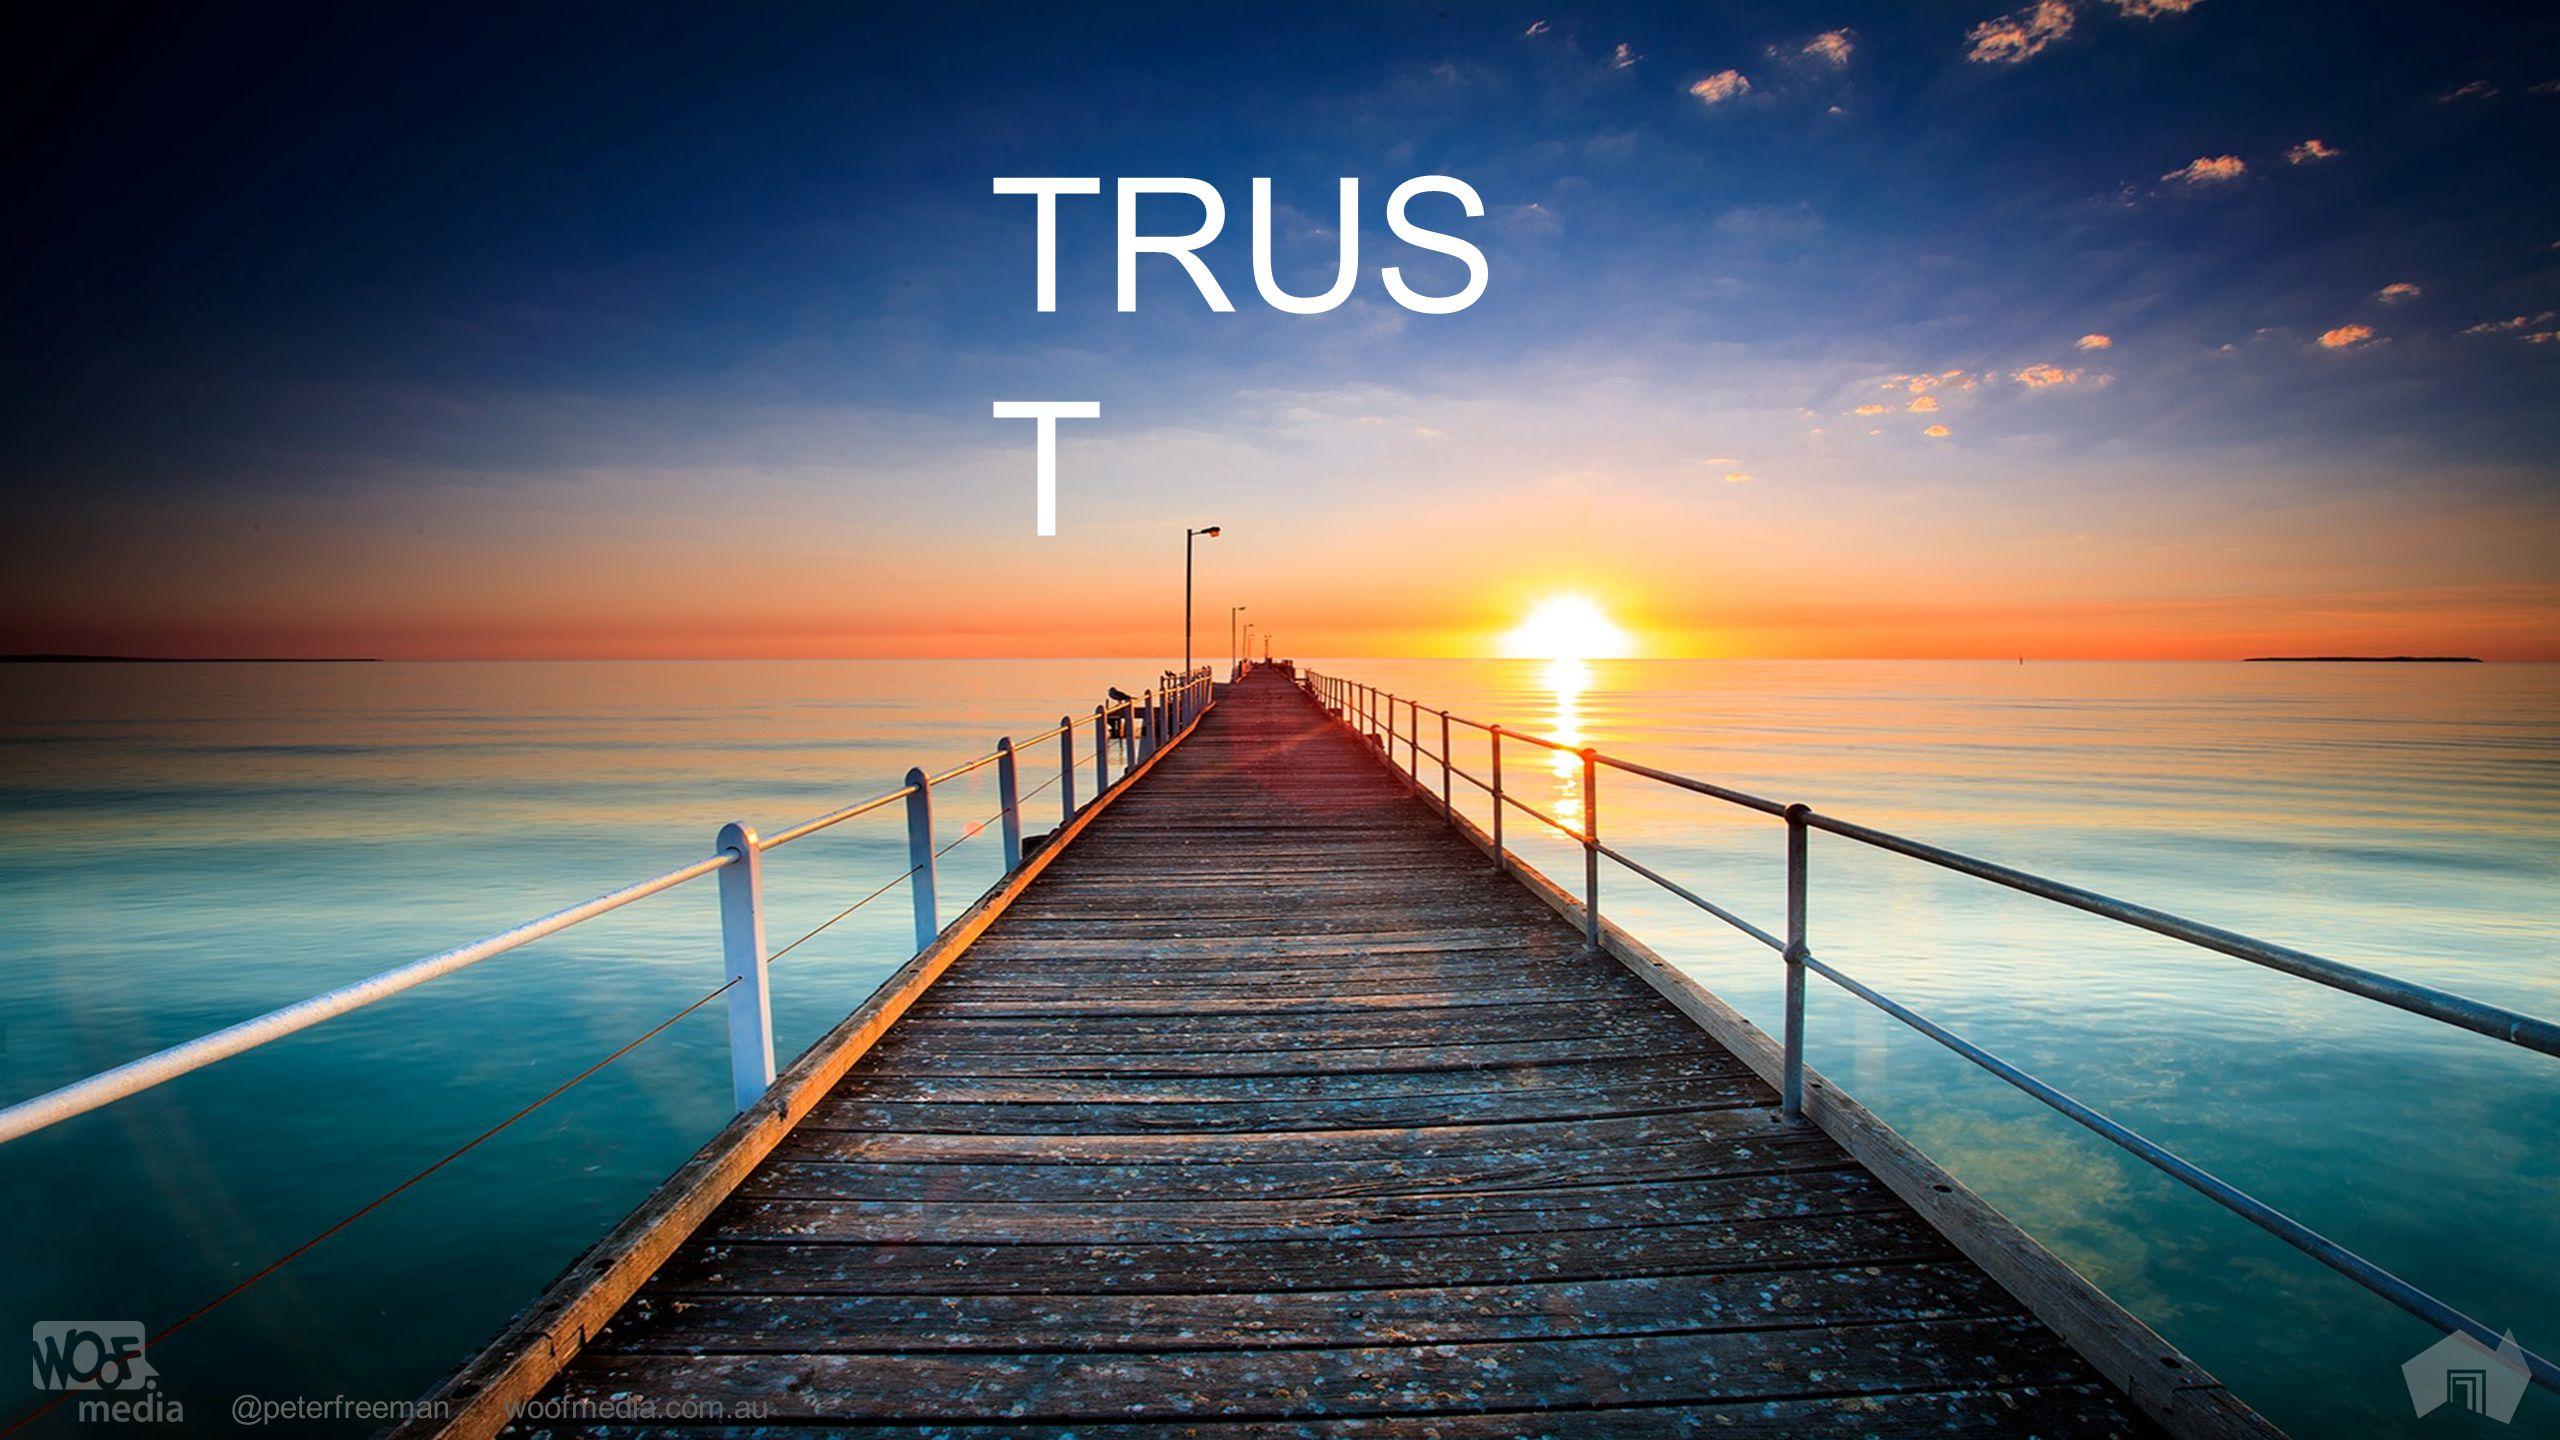 @peterfreemanwoofmedia.com.au TRUS T